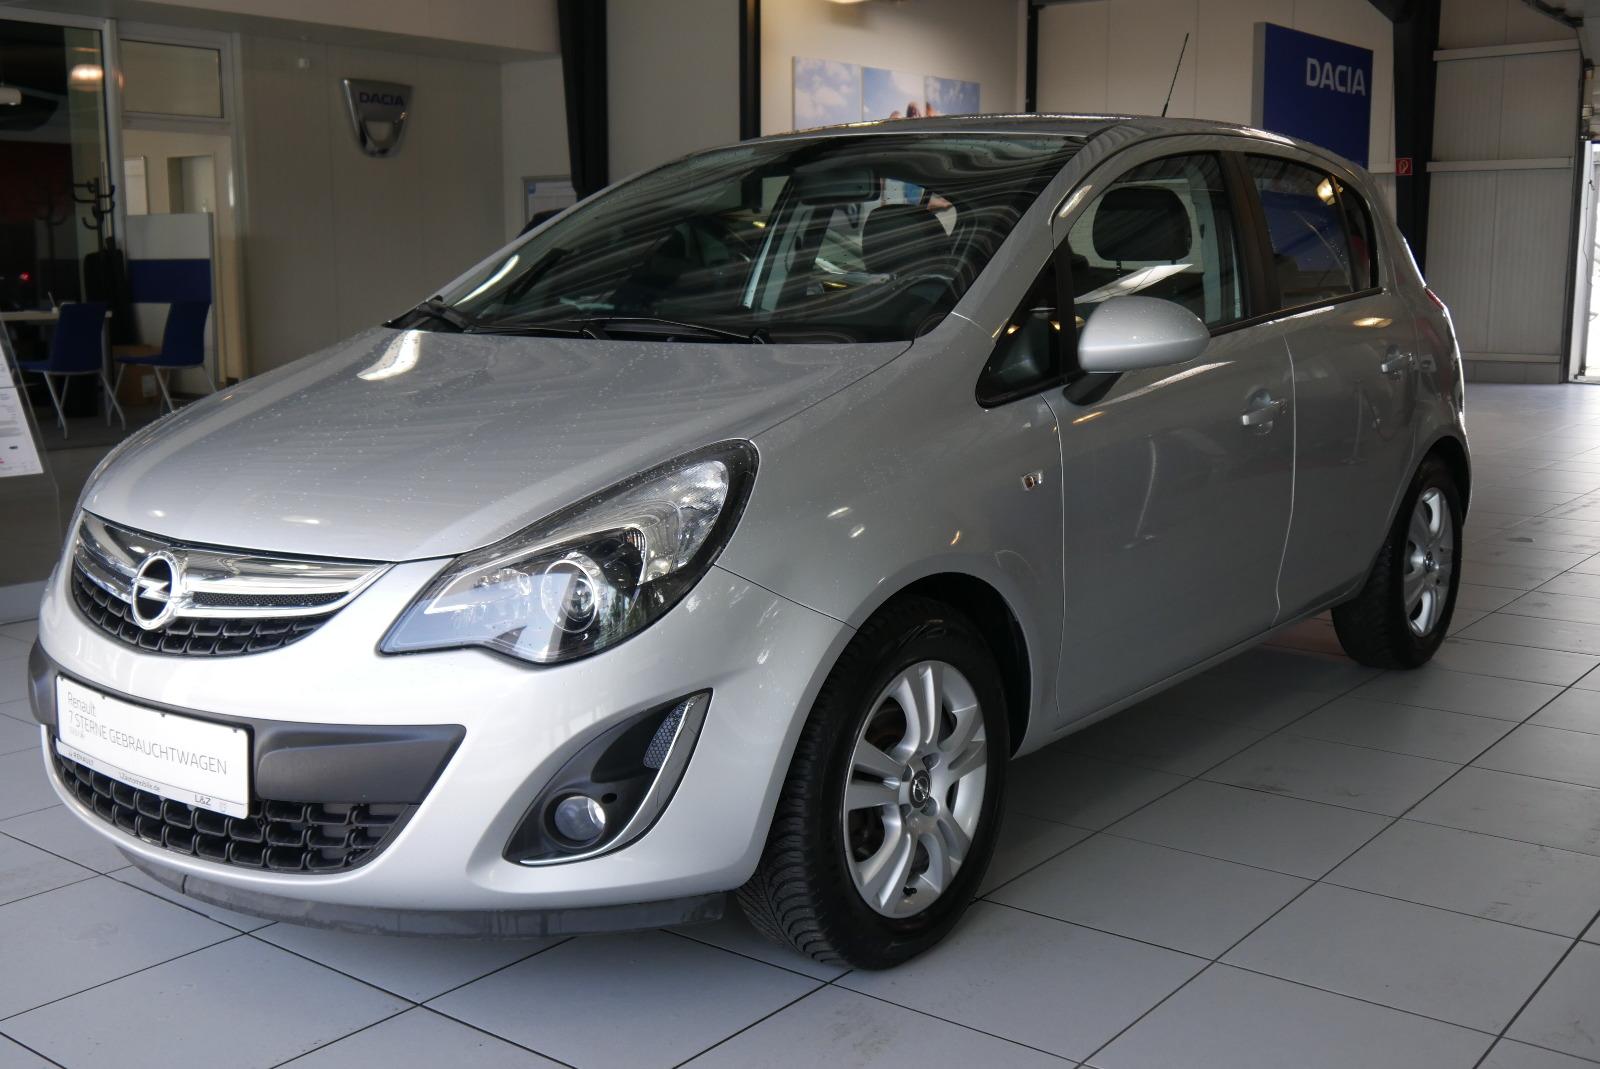 Opel Corsa D 1.4 Innovation 1 Jahr Garantie/TÜV neu, Jahr 2012, Benzin